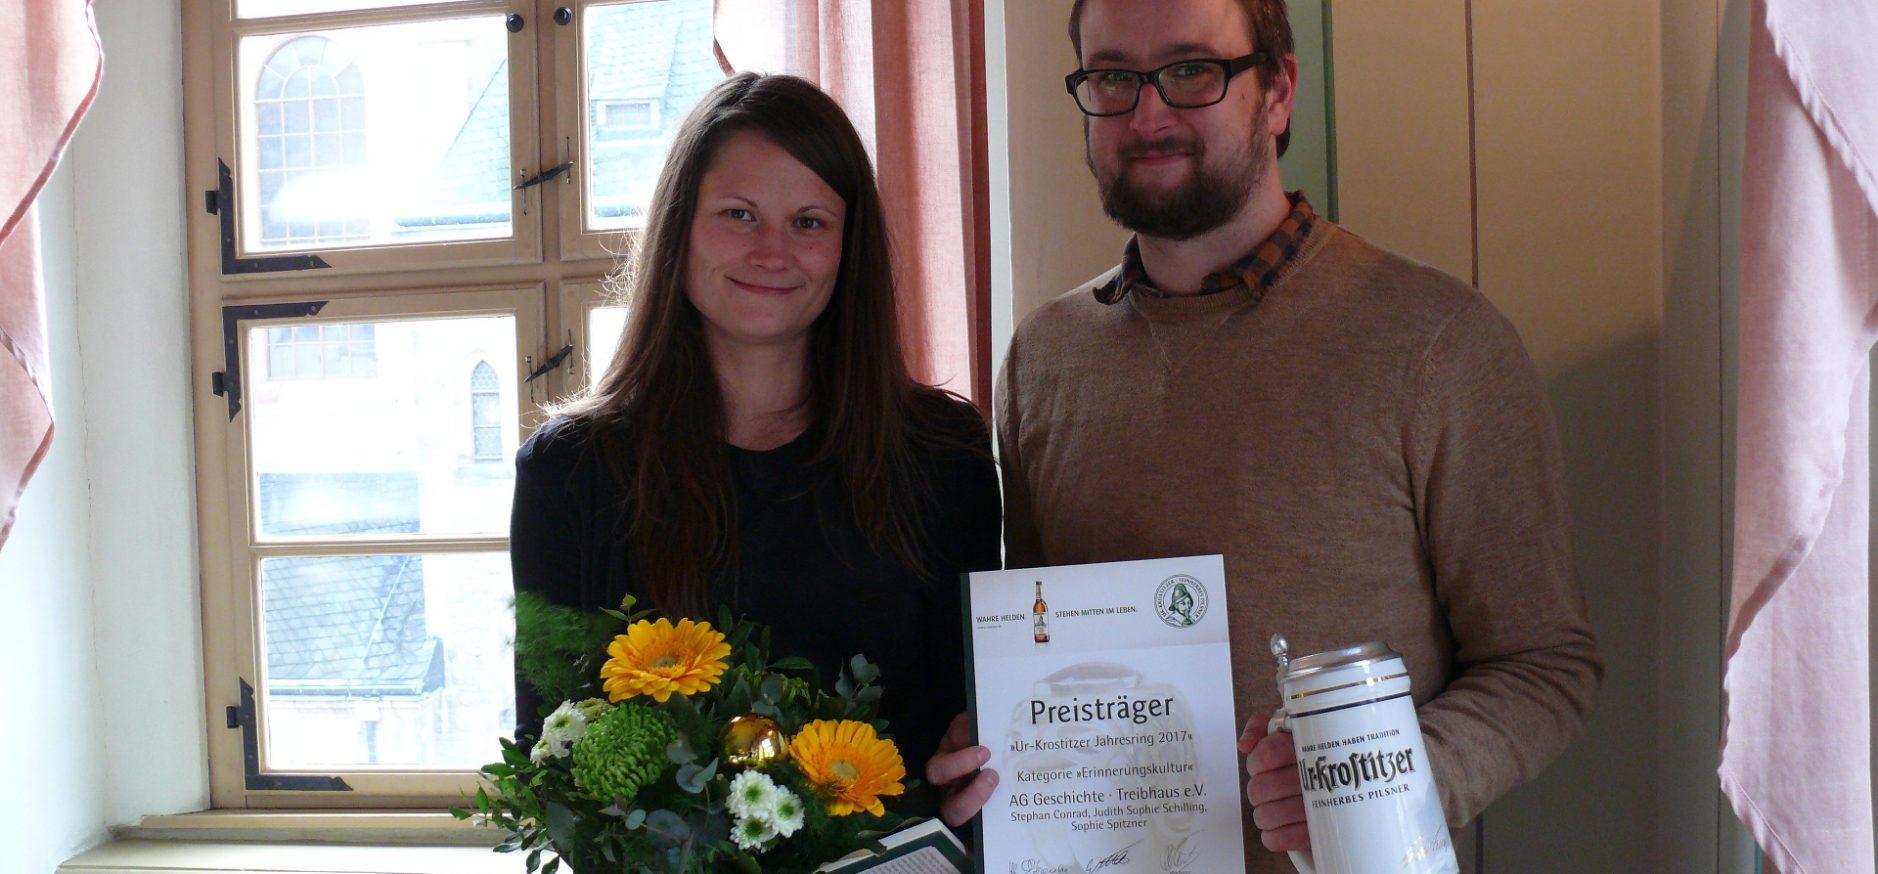 """AG Geschichte als Preisträger des """"Ur-Krostitzer Jahresring 2017"""" ausgezeichnet"""